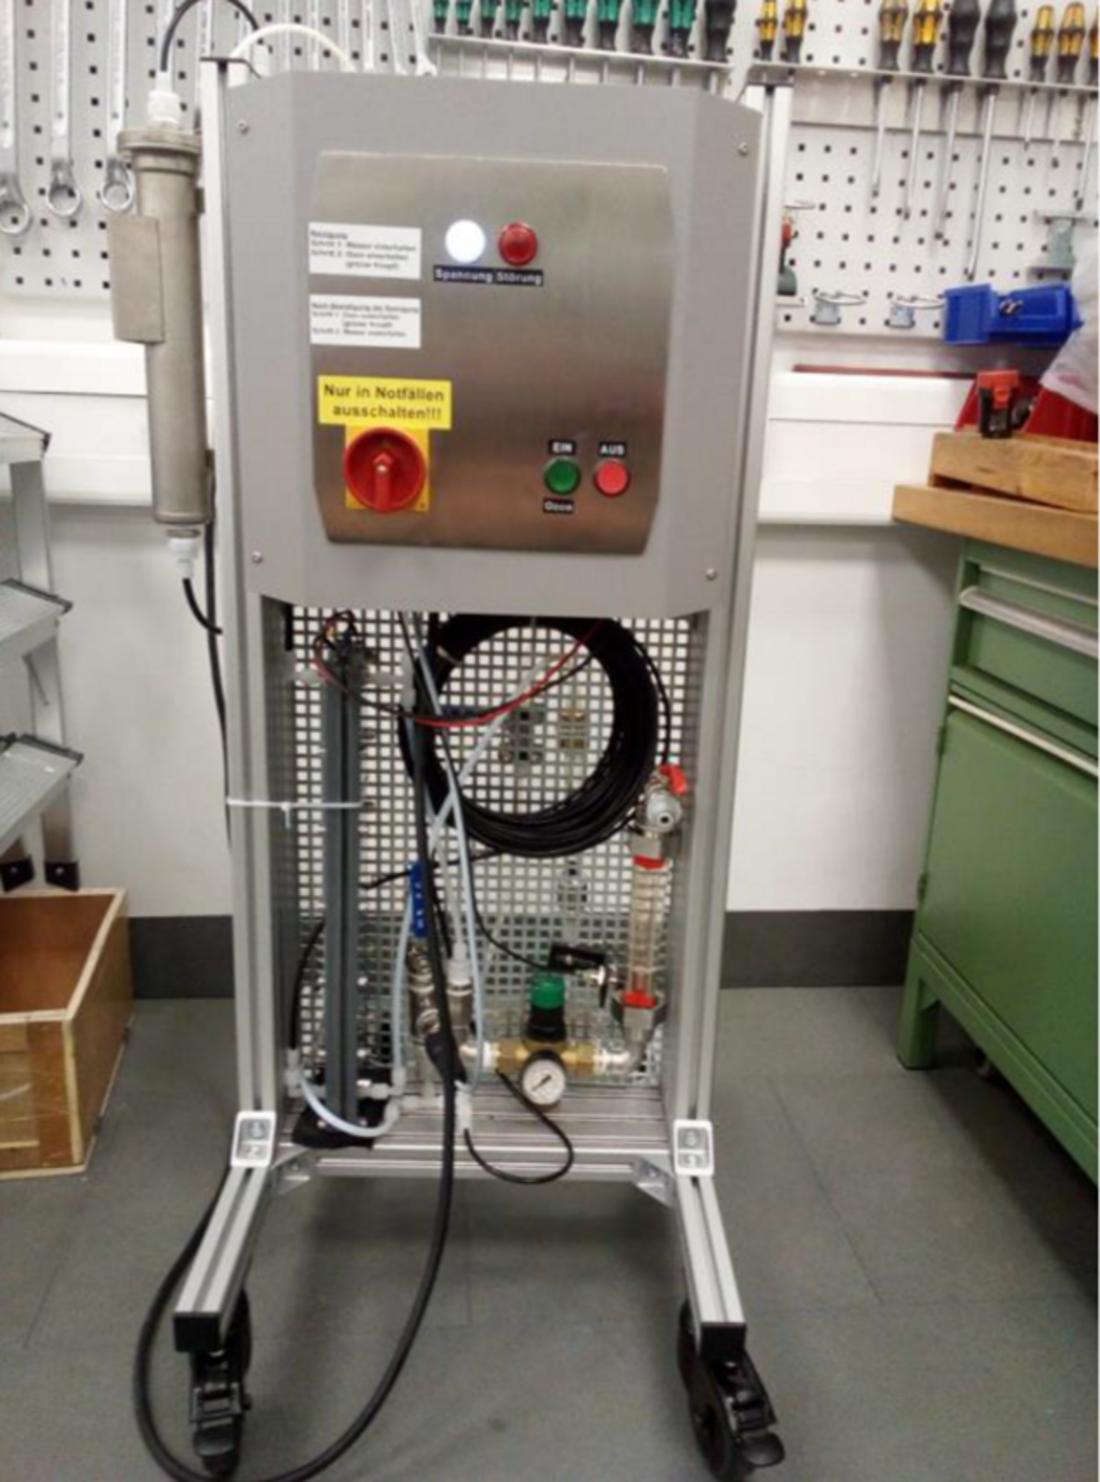 Innovatec OzonArray Elektrolysezelle bestehend aus 100 strukturiert angeordneten Elektrodensystemen in rollbarem Prüfstand zum direkten Anschluss an die Trinkwasserleitung.